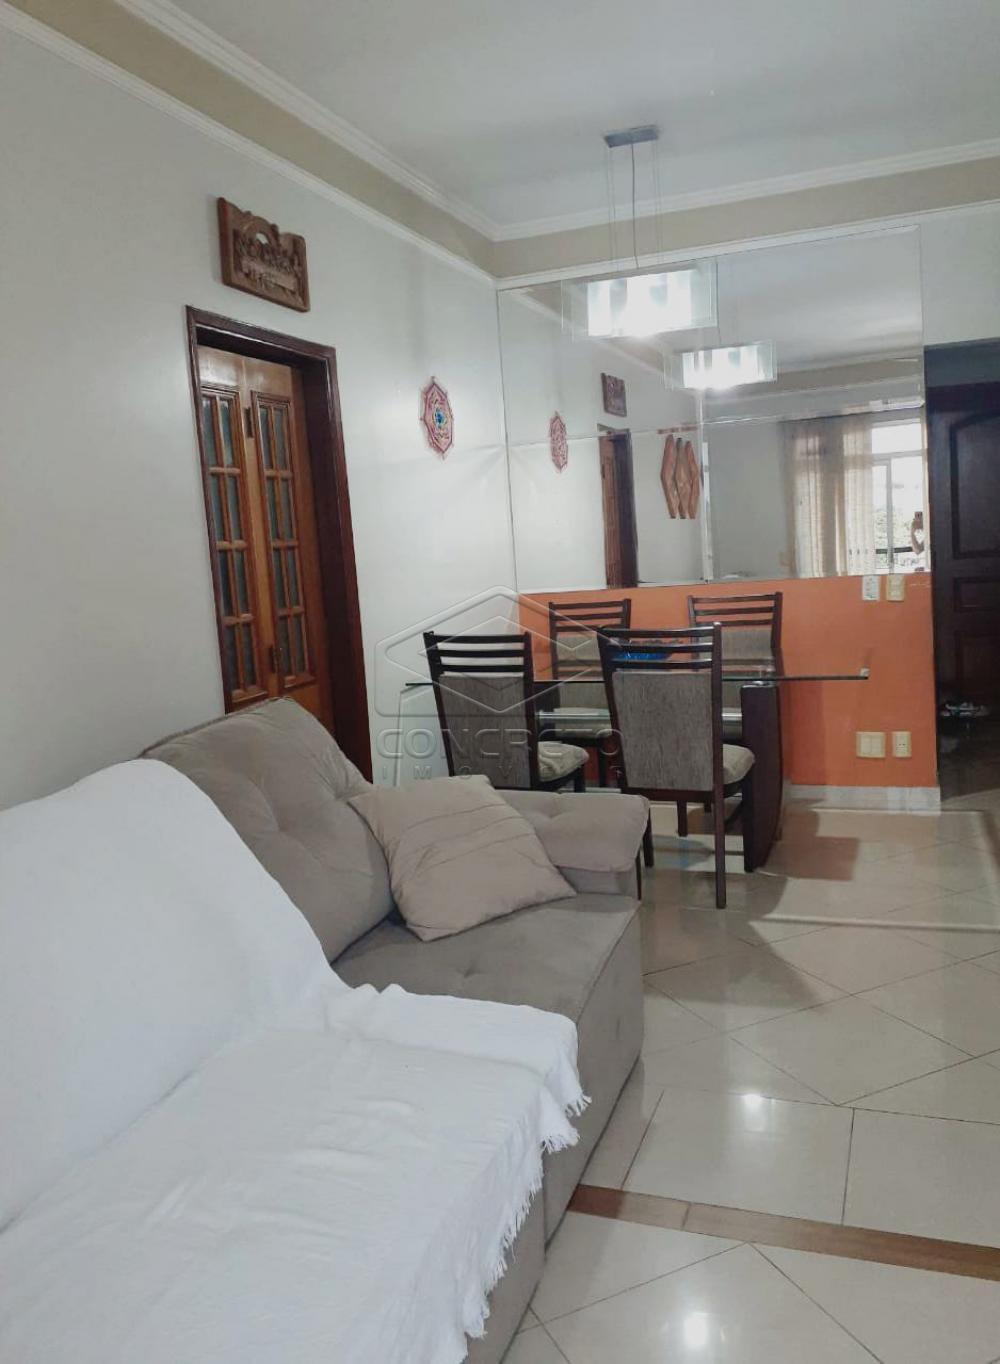 Comprar Apartamento / Padrão em Bauru apenas R$ 450.000,00 - Foto 3